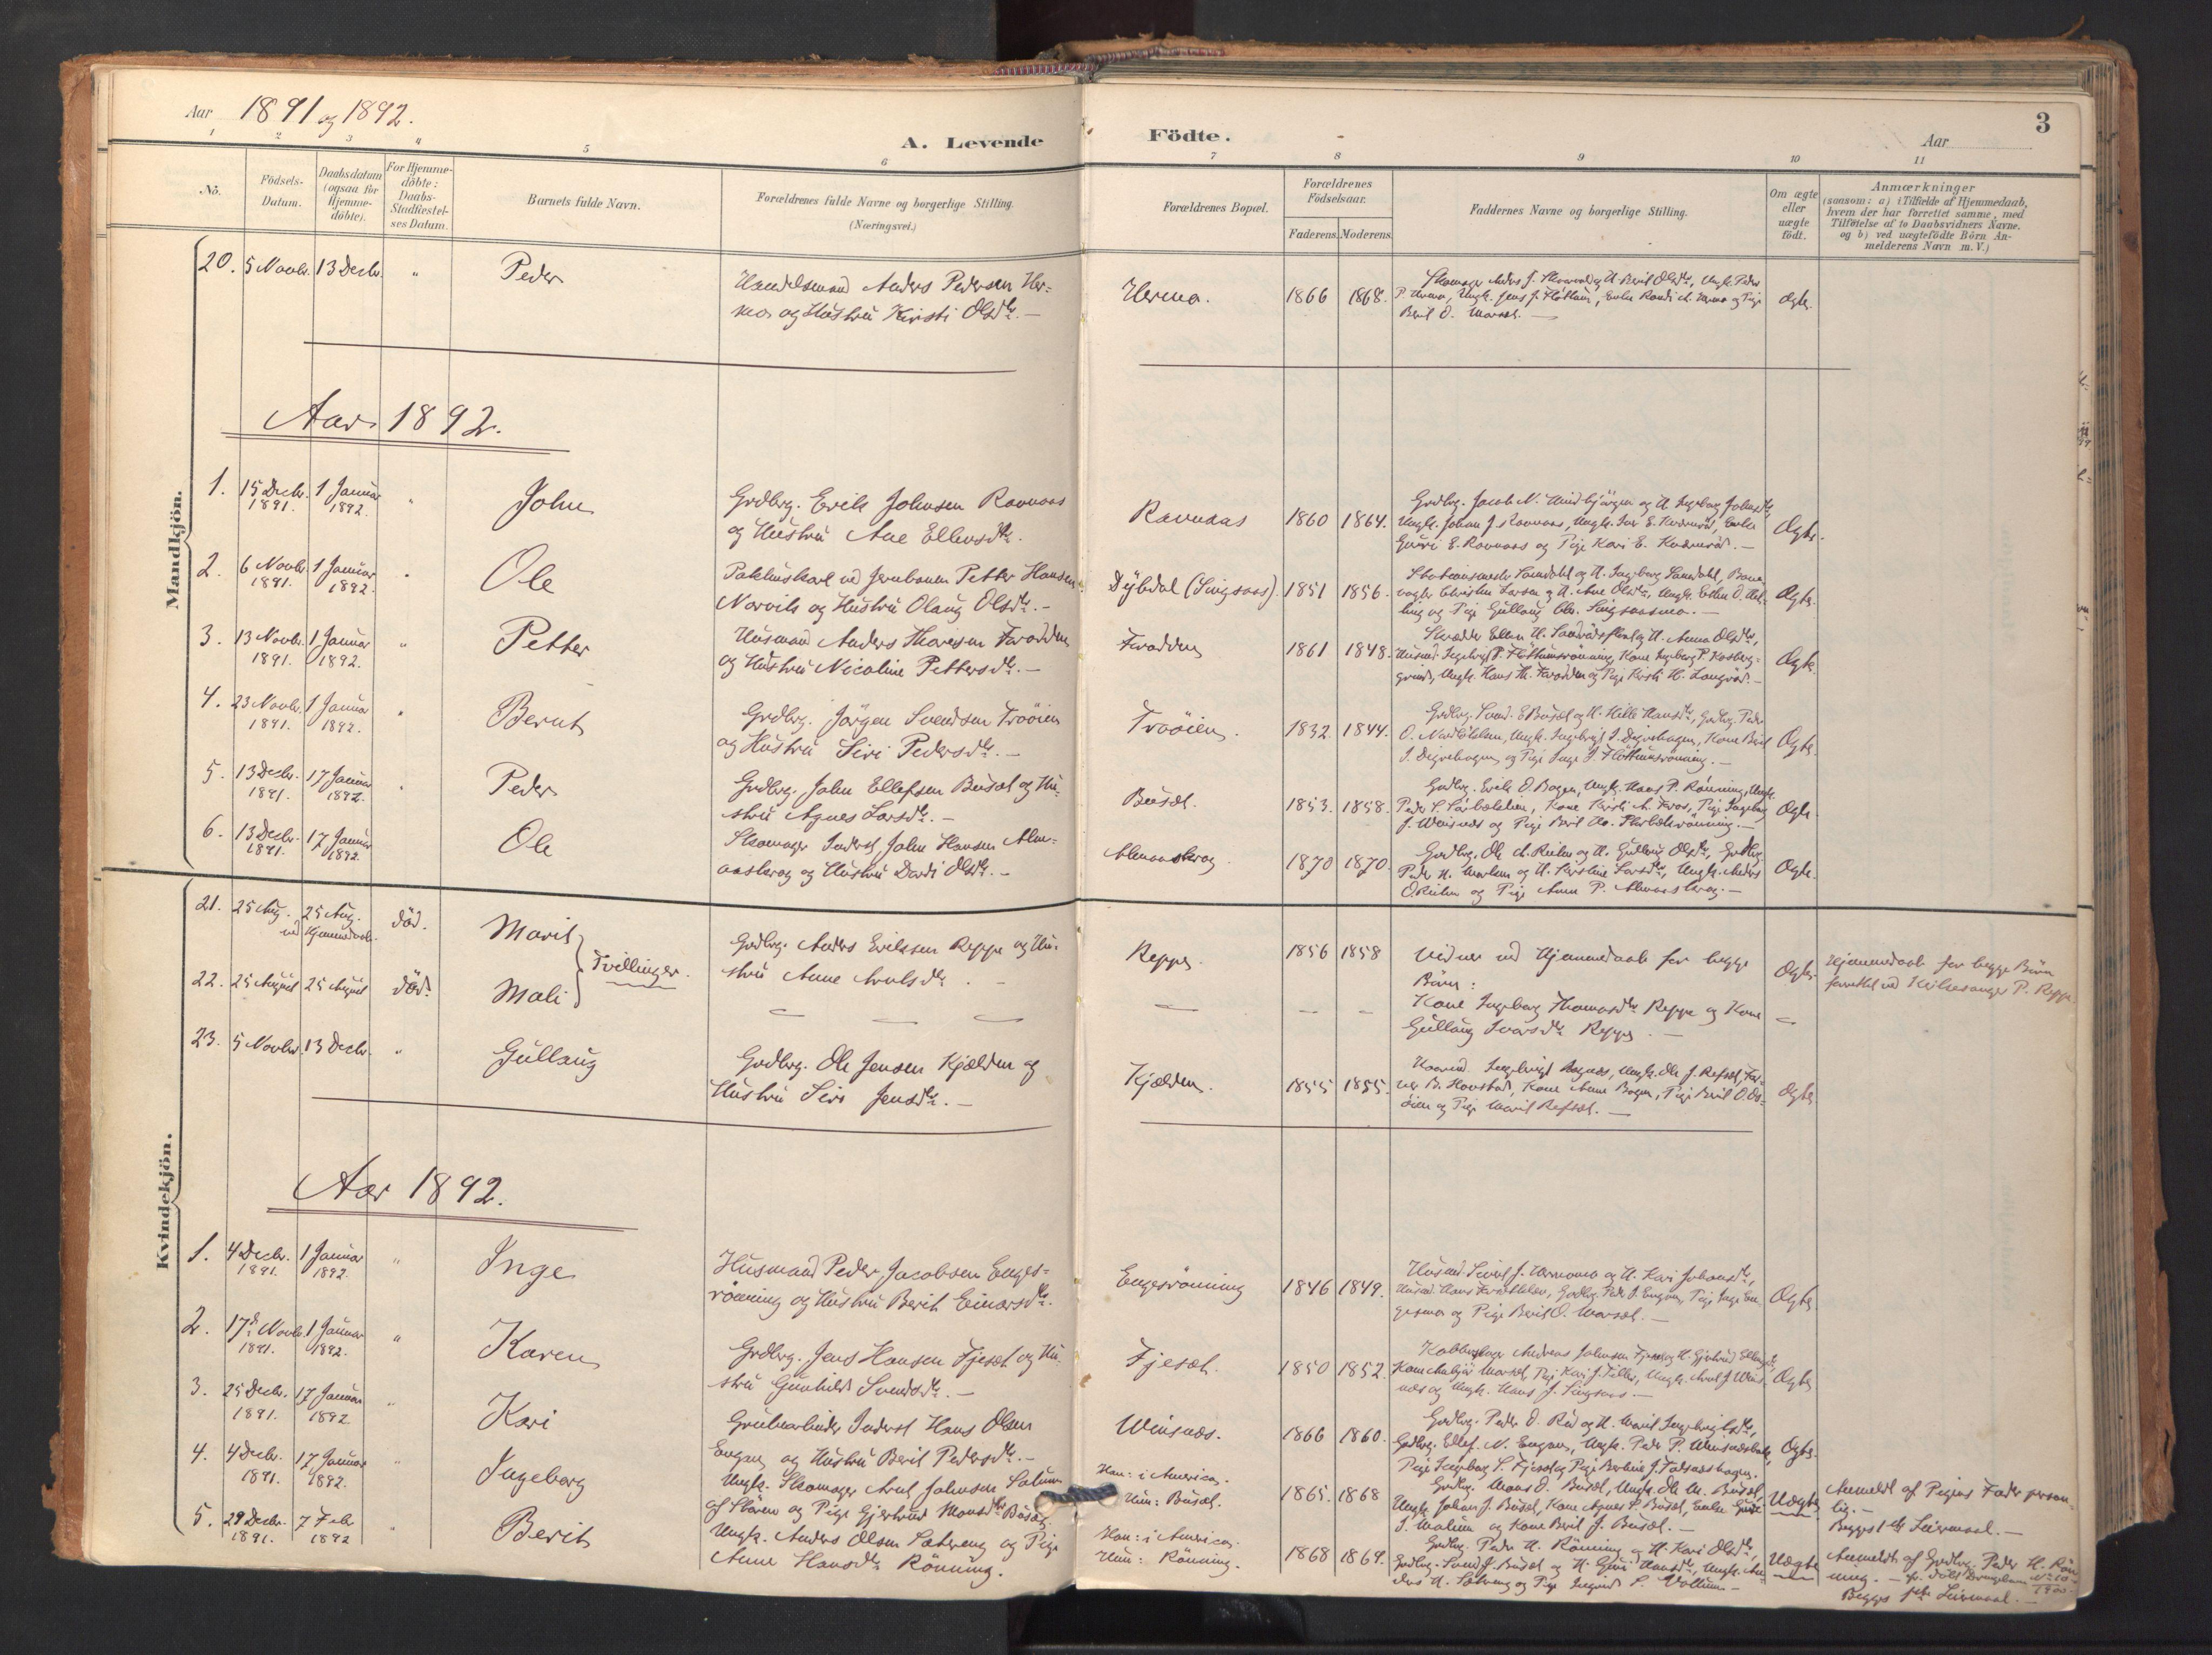 SAT, Ministerialprotokoller, klokkerbøker og fødselsregistre - Sør-Trøndelag, 688/L1025: Ministerialbok nr. 688A02, 1891-1909, s. 3